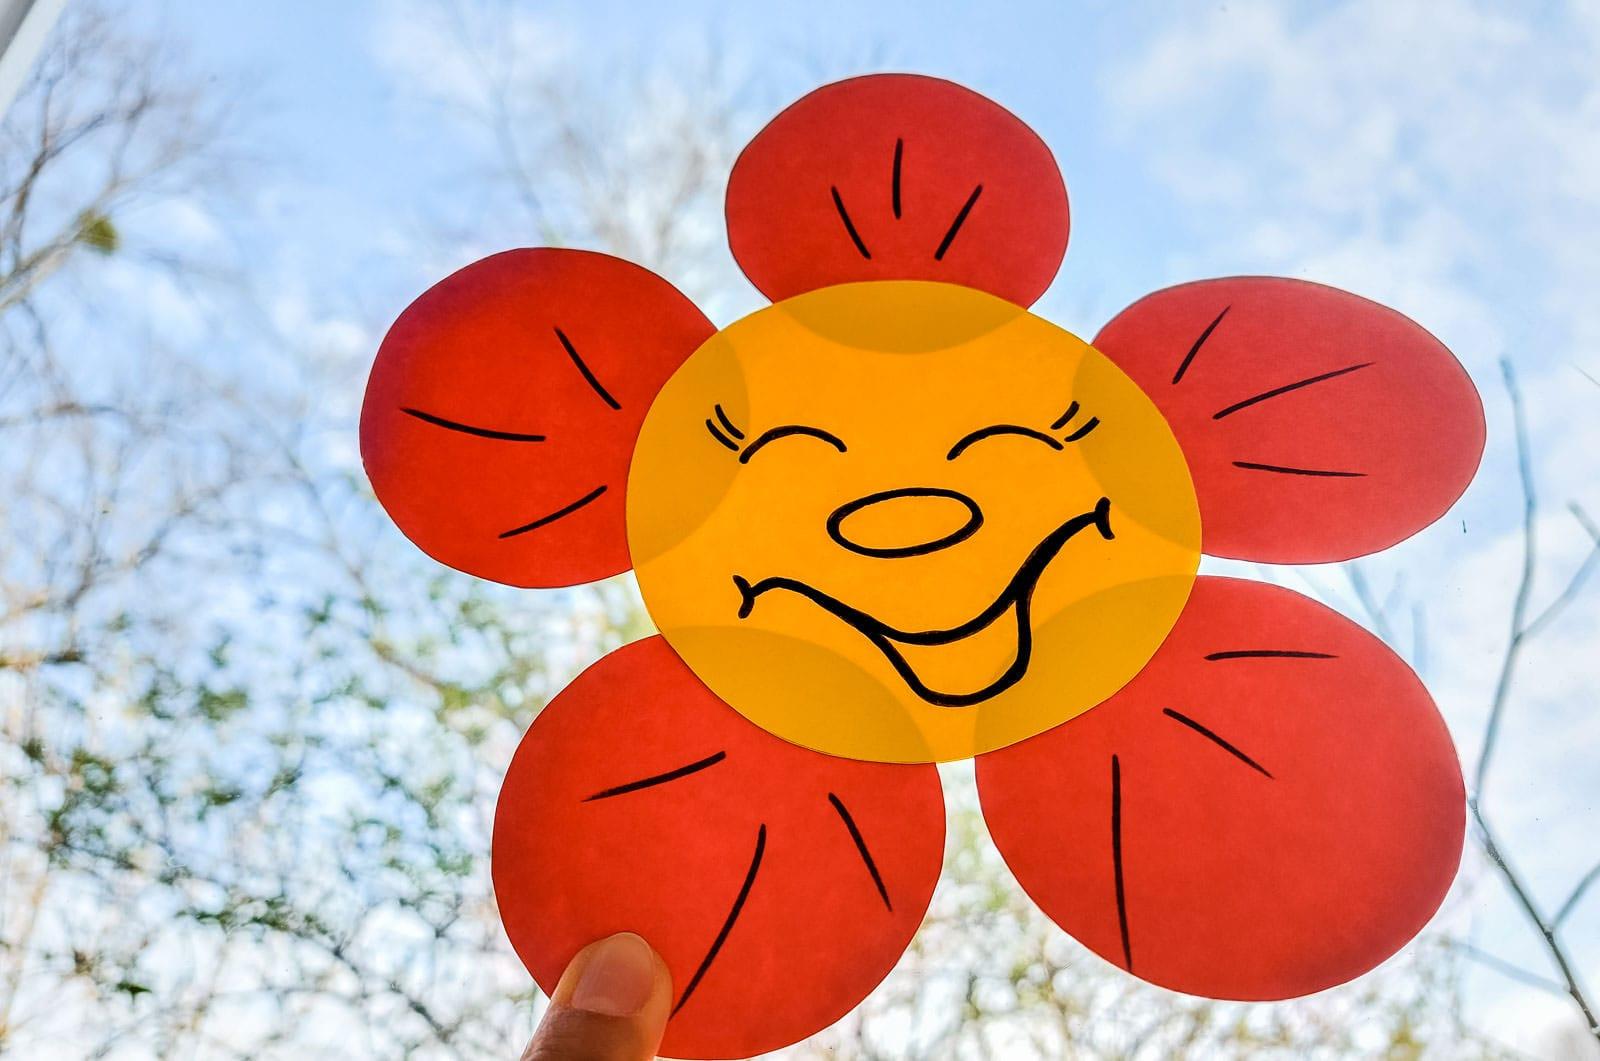 ganztag wasserturm 20210419 Blume 1 titelbild keine nutzung ohne erlaubnis